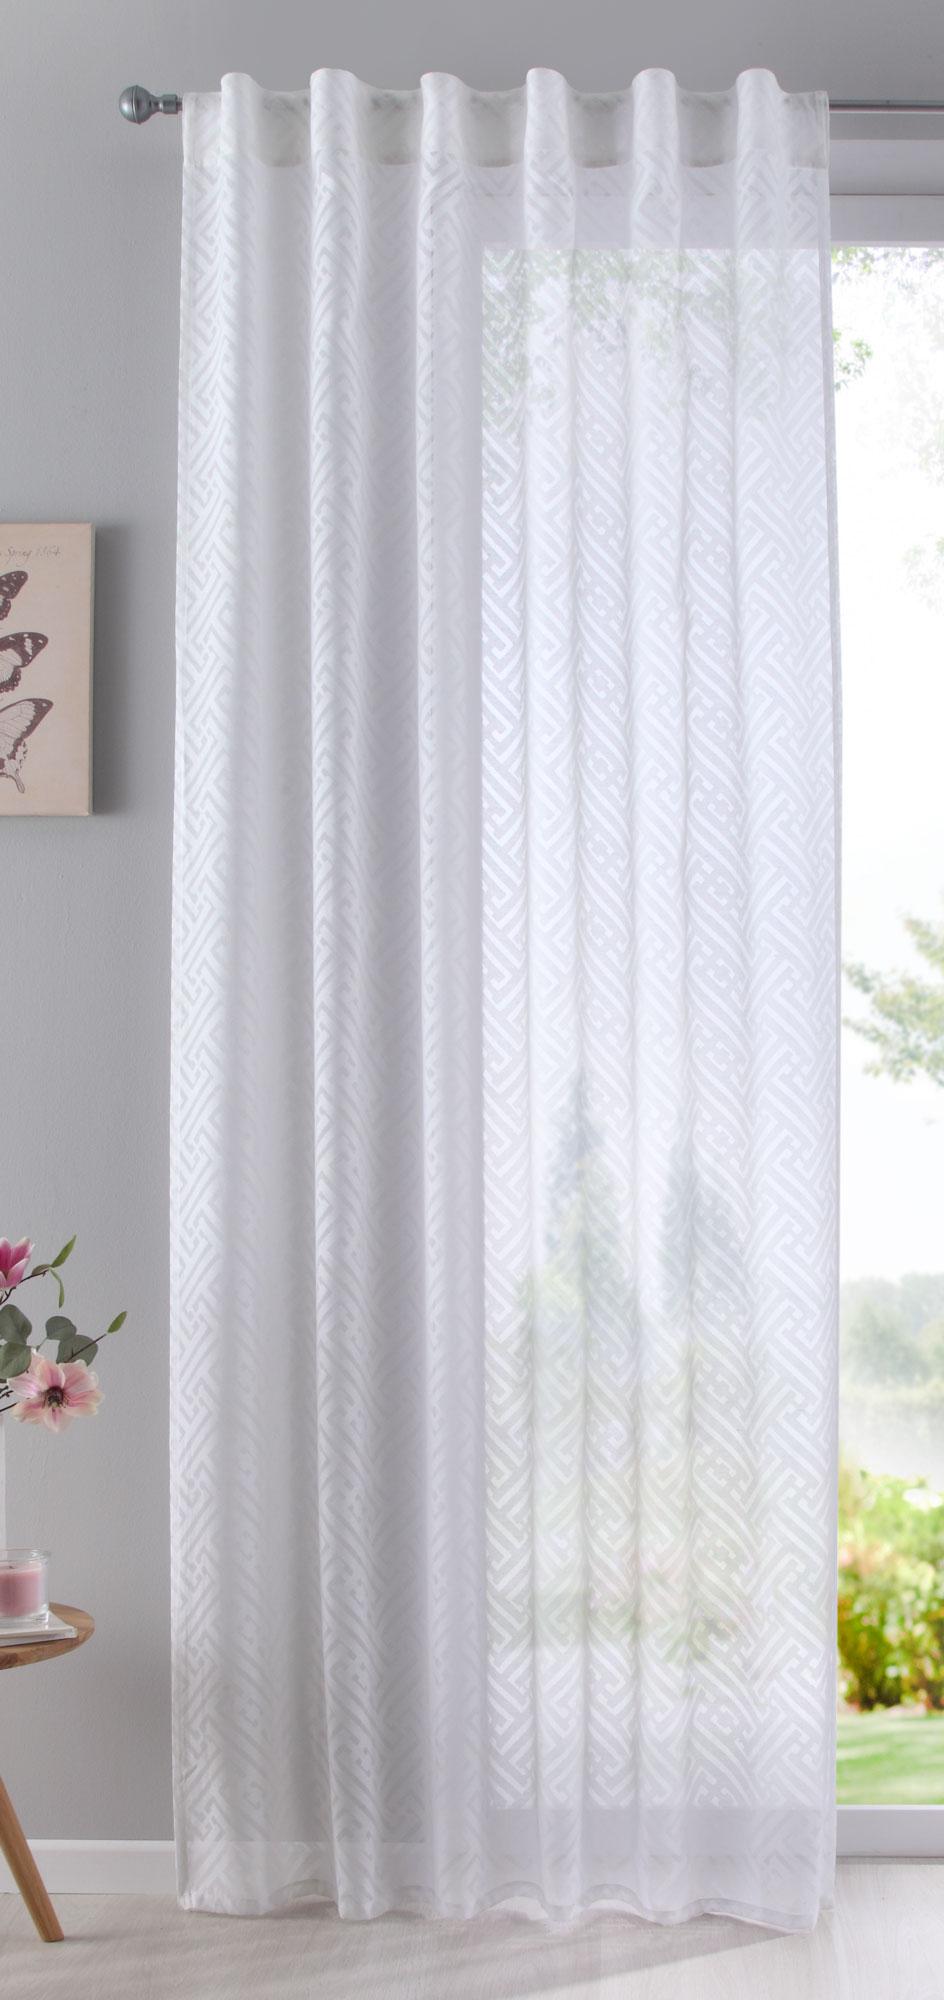 gardinen verdeckte schlaufen gardinen 2018. Black Bedroom Furniture Sets. Home Design Ideas